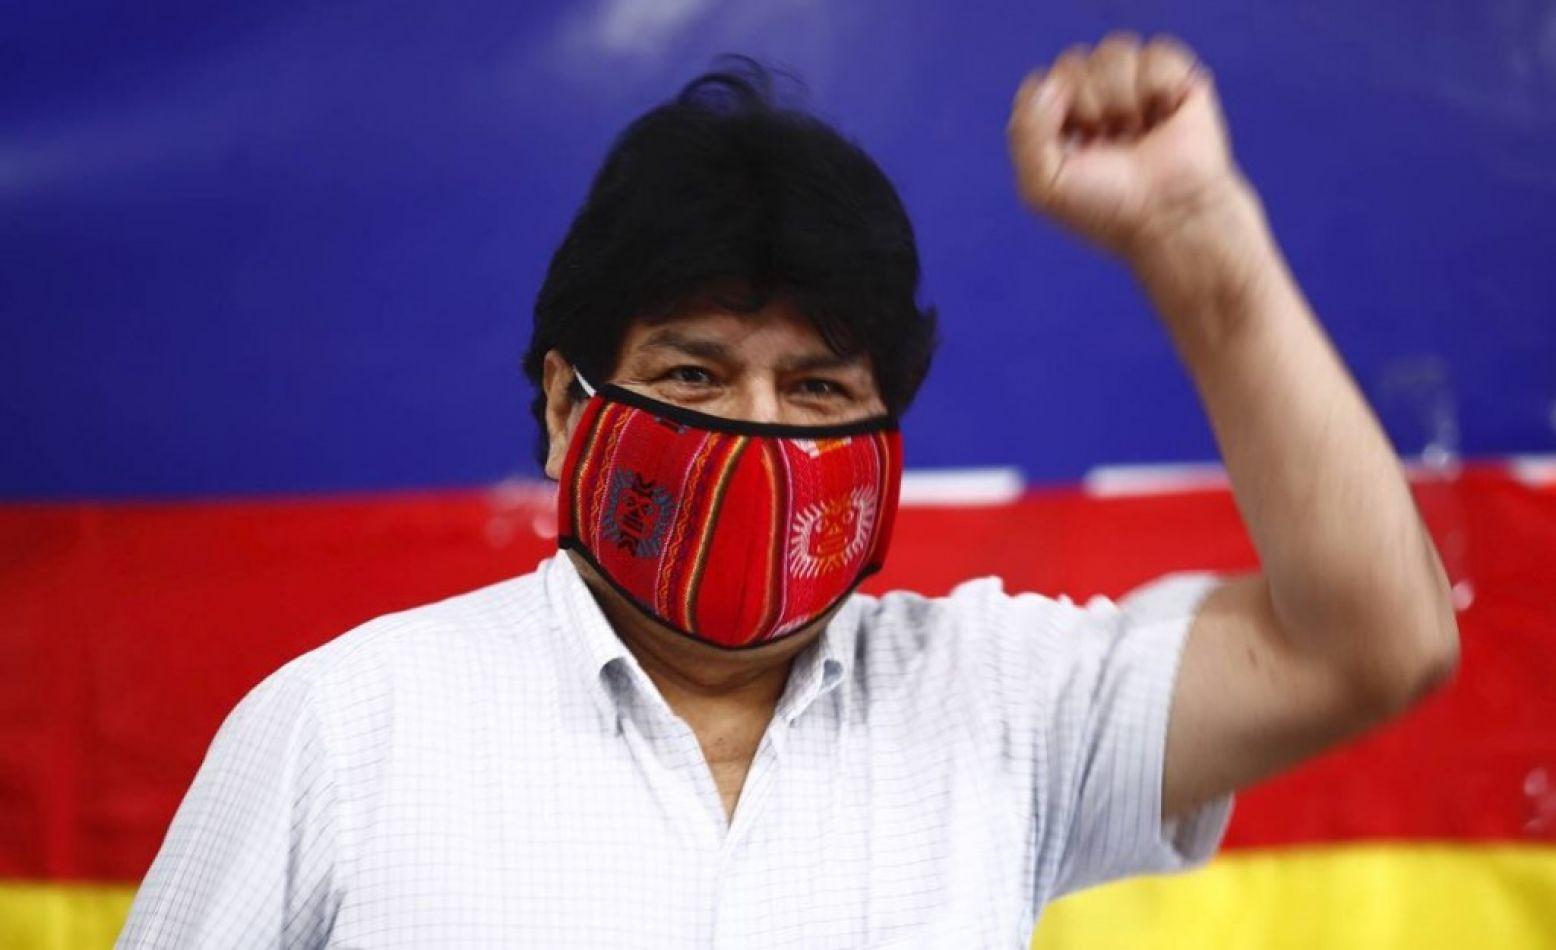 Diagnóstico positivo de covid 19 para Evo Morales